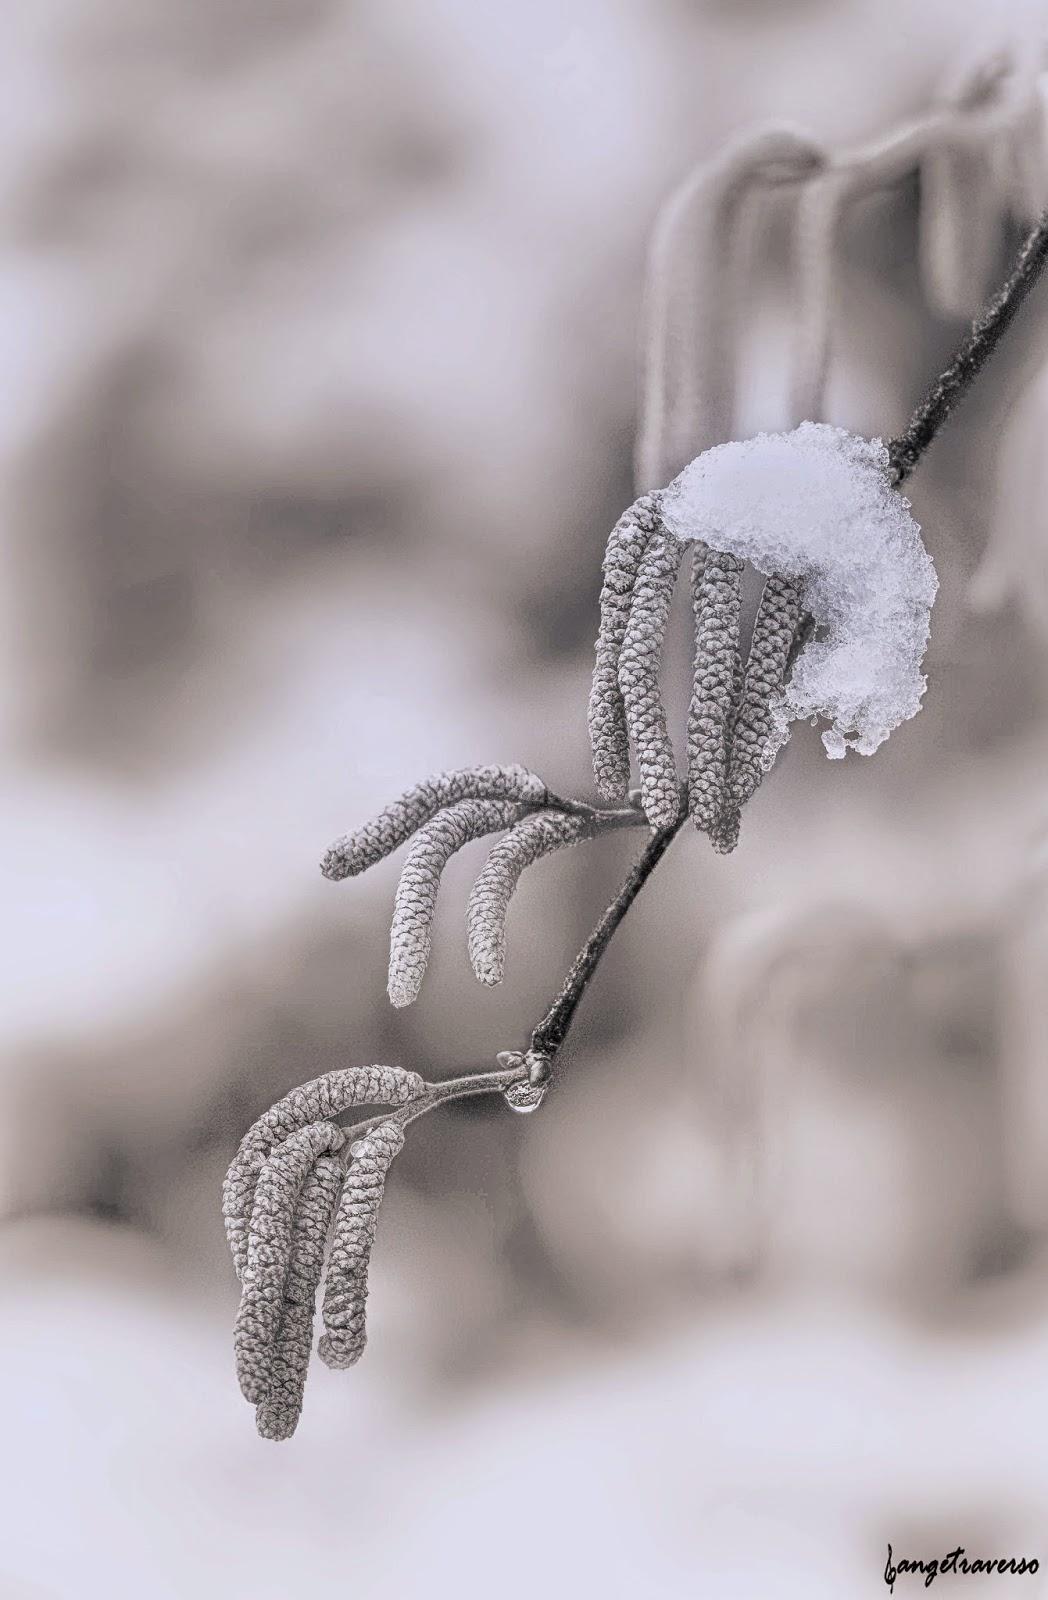 Hiver, froid, neige dans les abres. Haute-Savoie